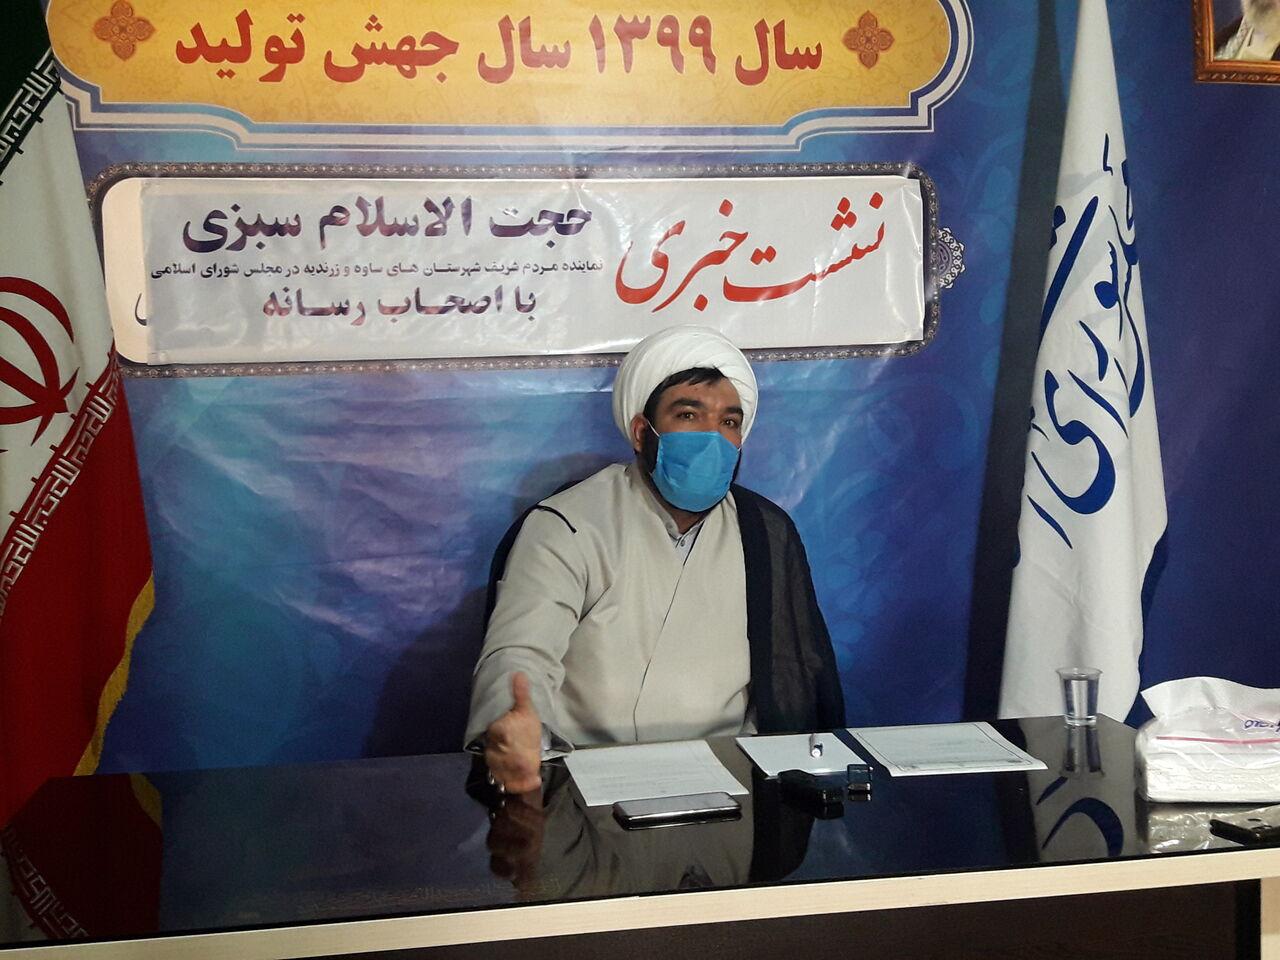 اختصاصی| رعایت ضعیف پروتکلهای بهداشتی/ پزشکان دانشگاهی در برابر طب ایرانی و اسلامی گارد دارند